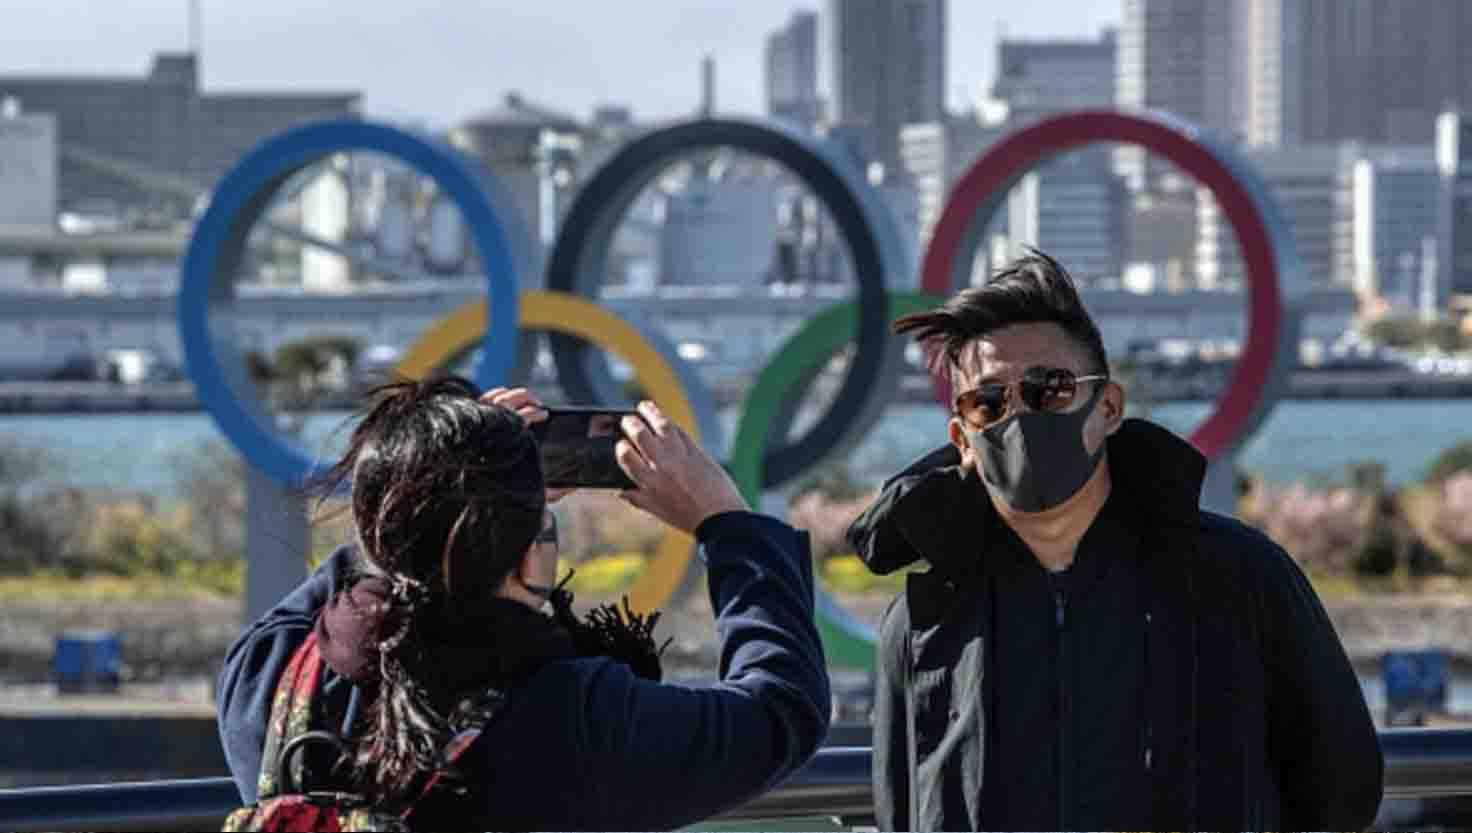 O Japão está em estado de emergência por causa do avanço da pandemia.